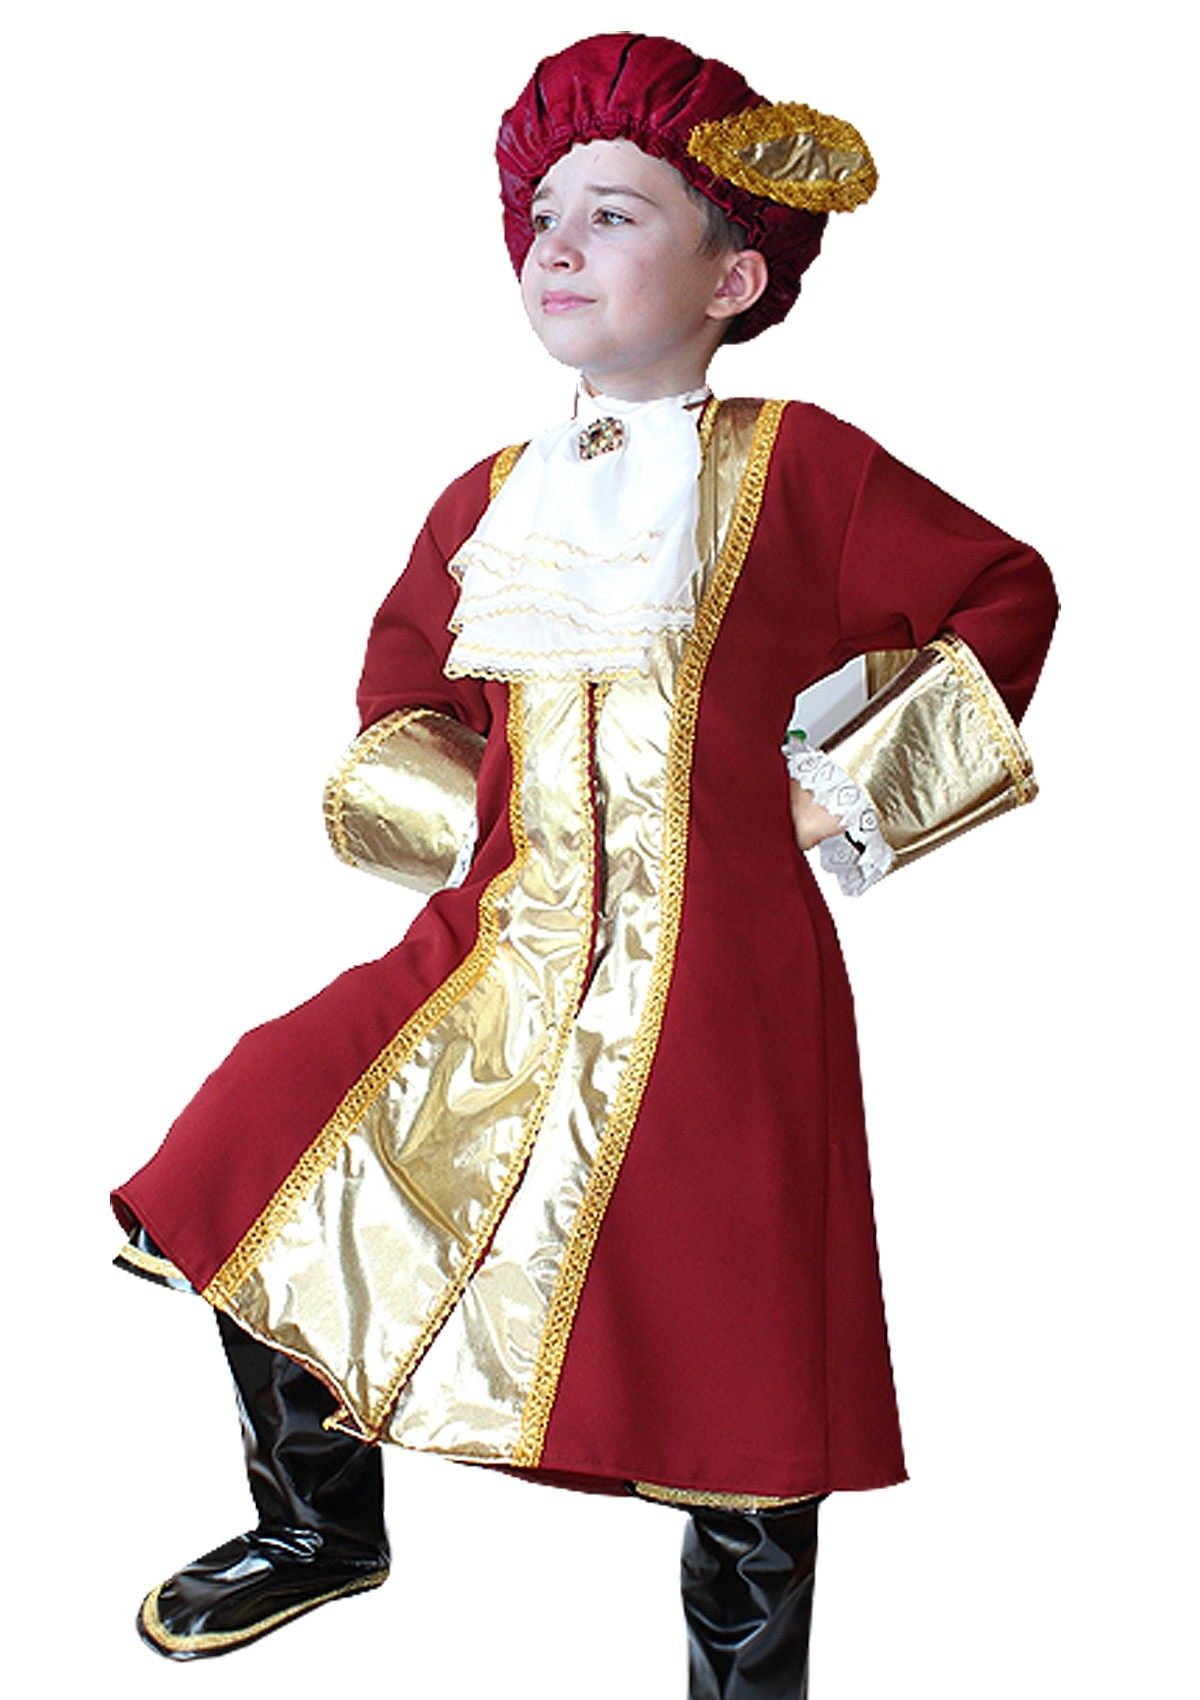 Как сшить карнавальный костюм для мальчика своими руками - photo#1